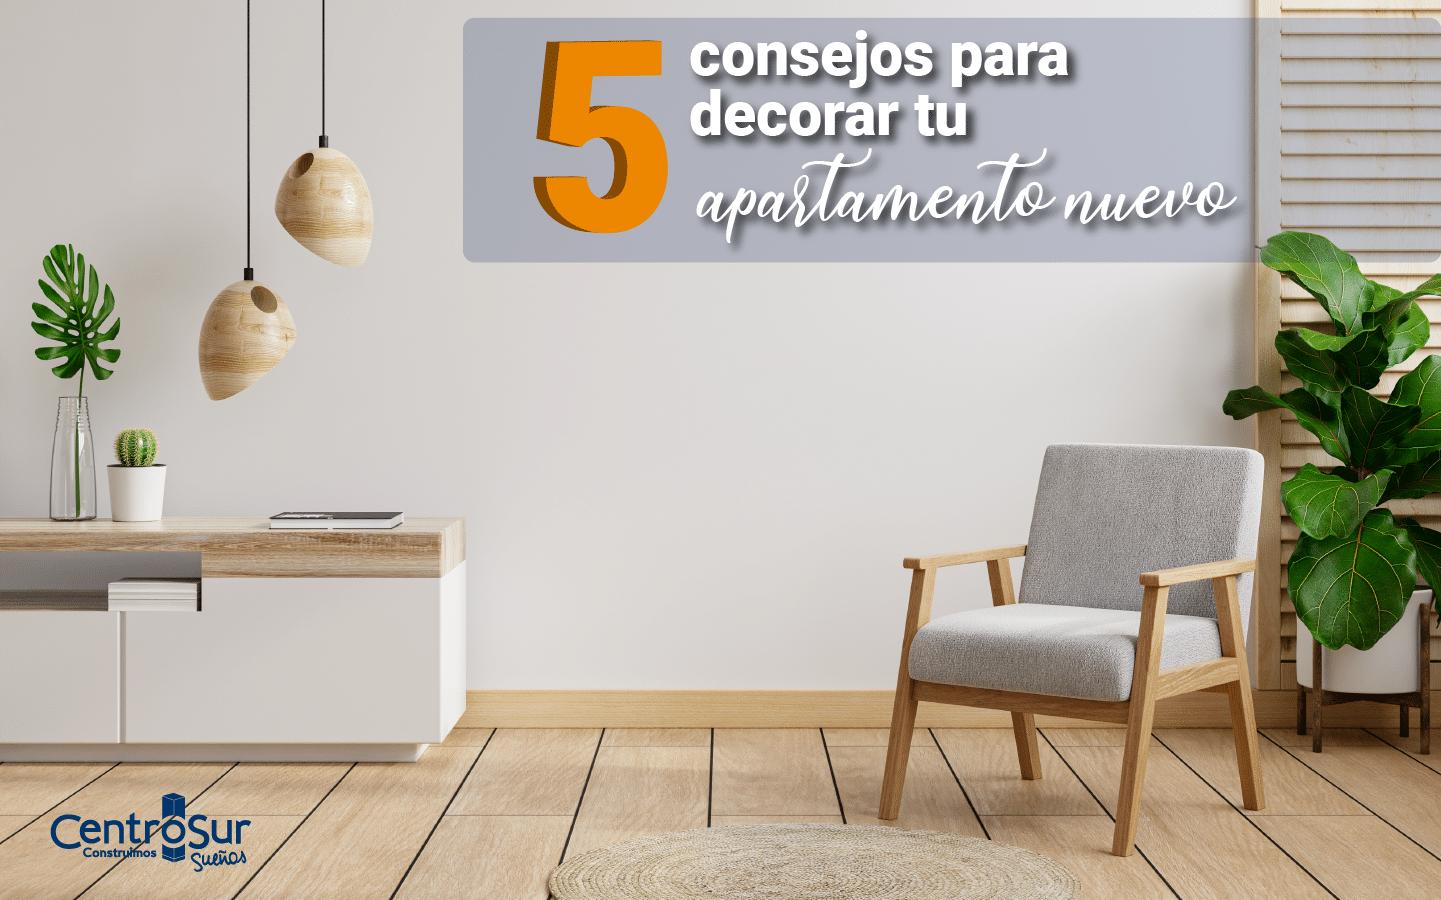 5 consejos para decorar tu apartamento nuevo